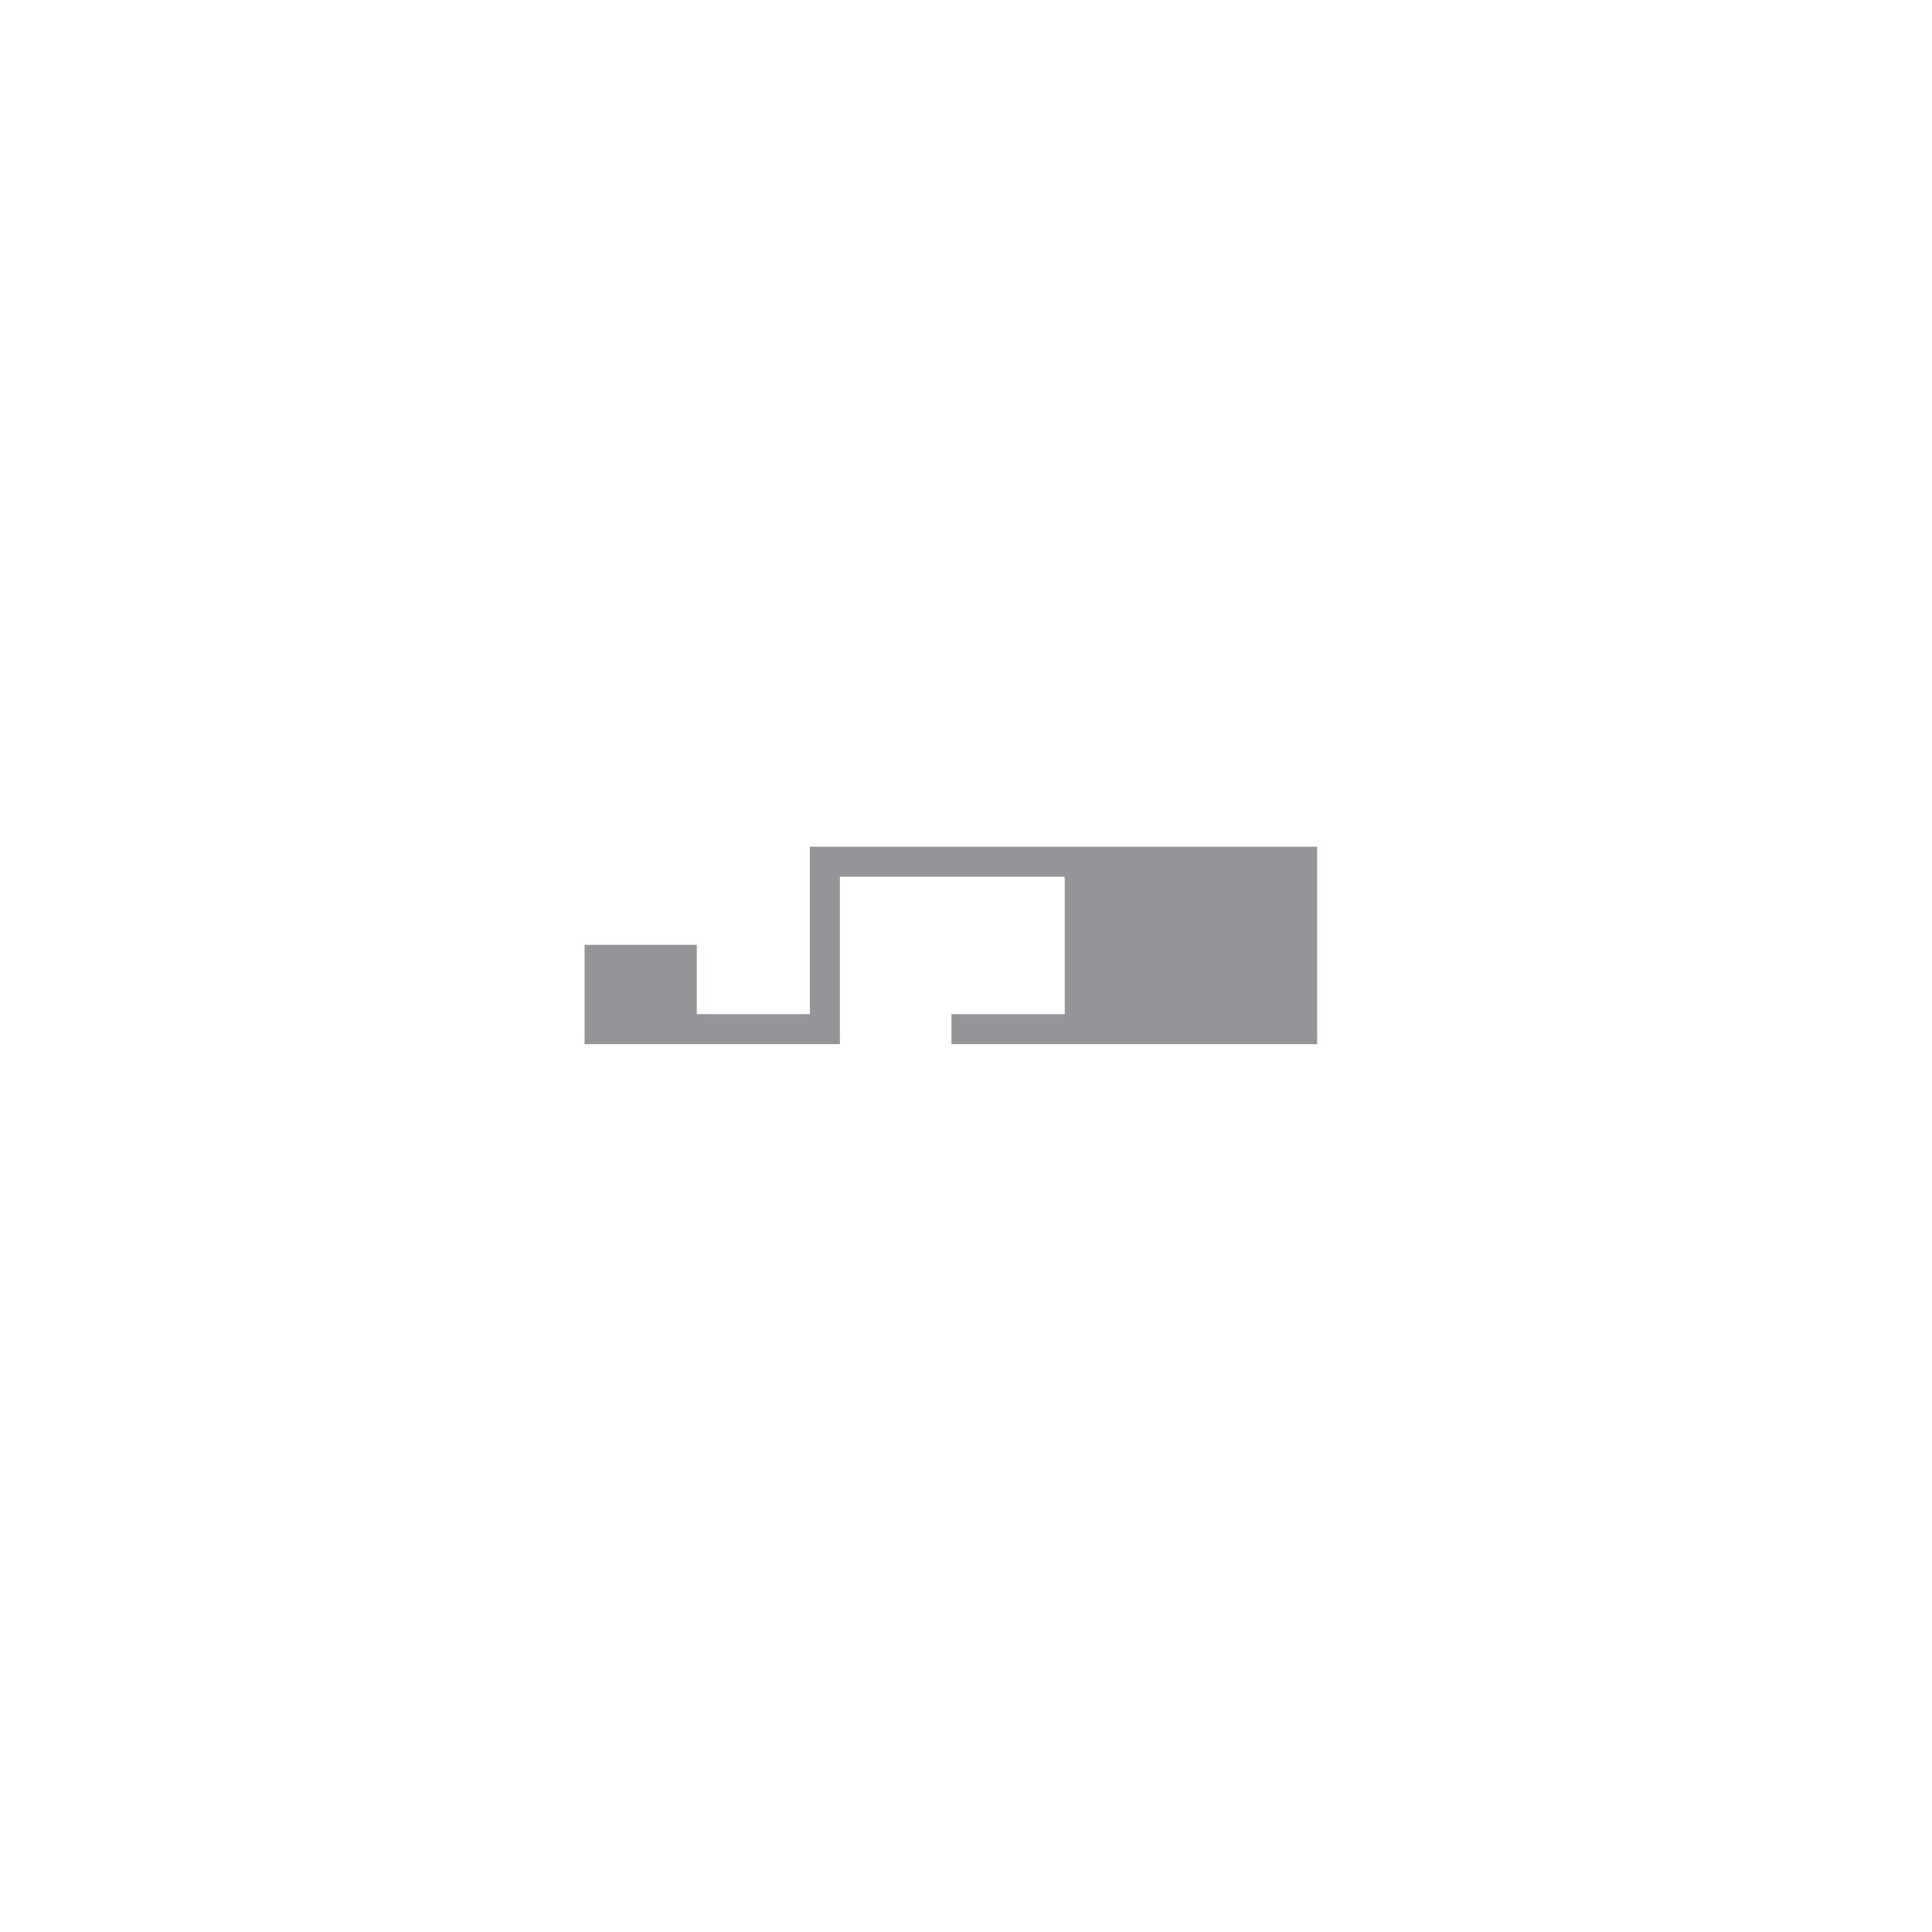 Jonathan Delcambre Architecture